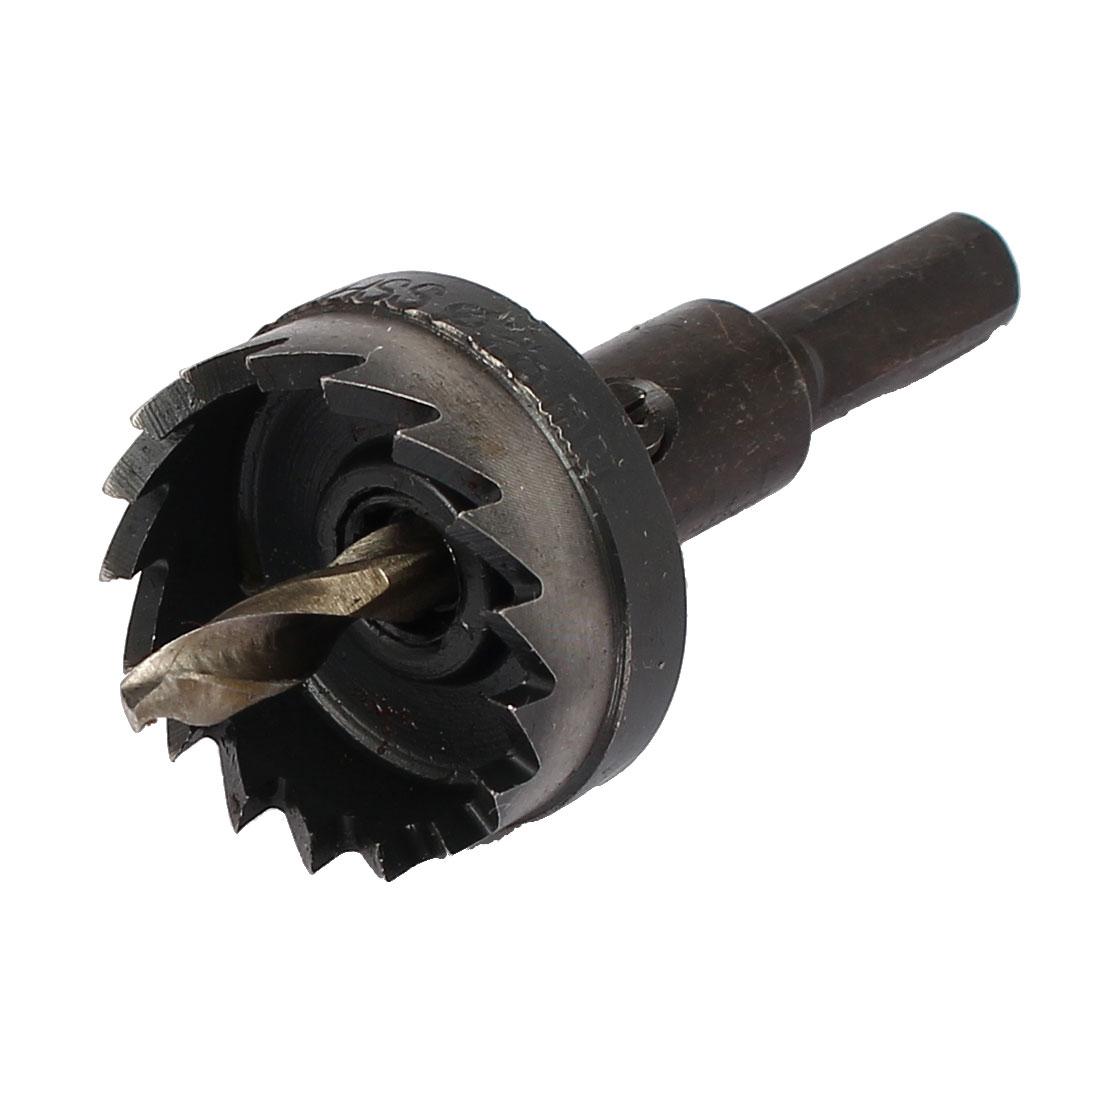 28mm Cutting Dia 5mm 2-Flute Twist Drill Bit HSS Triangle Shank Hole Saw Cutter